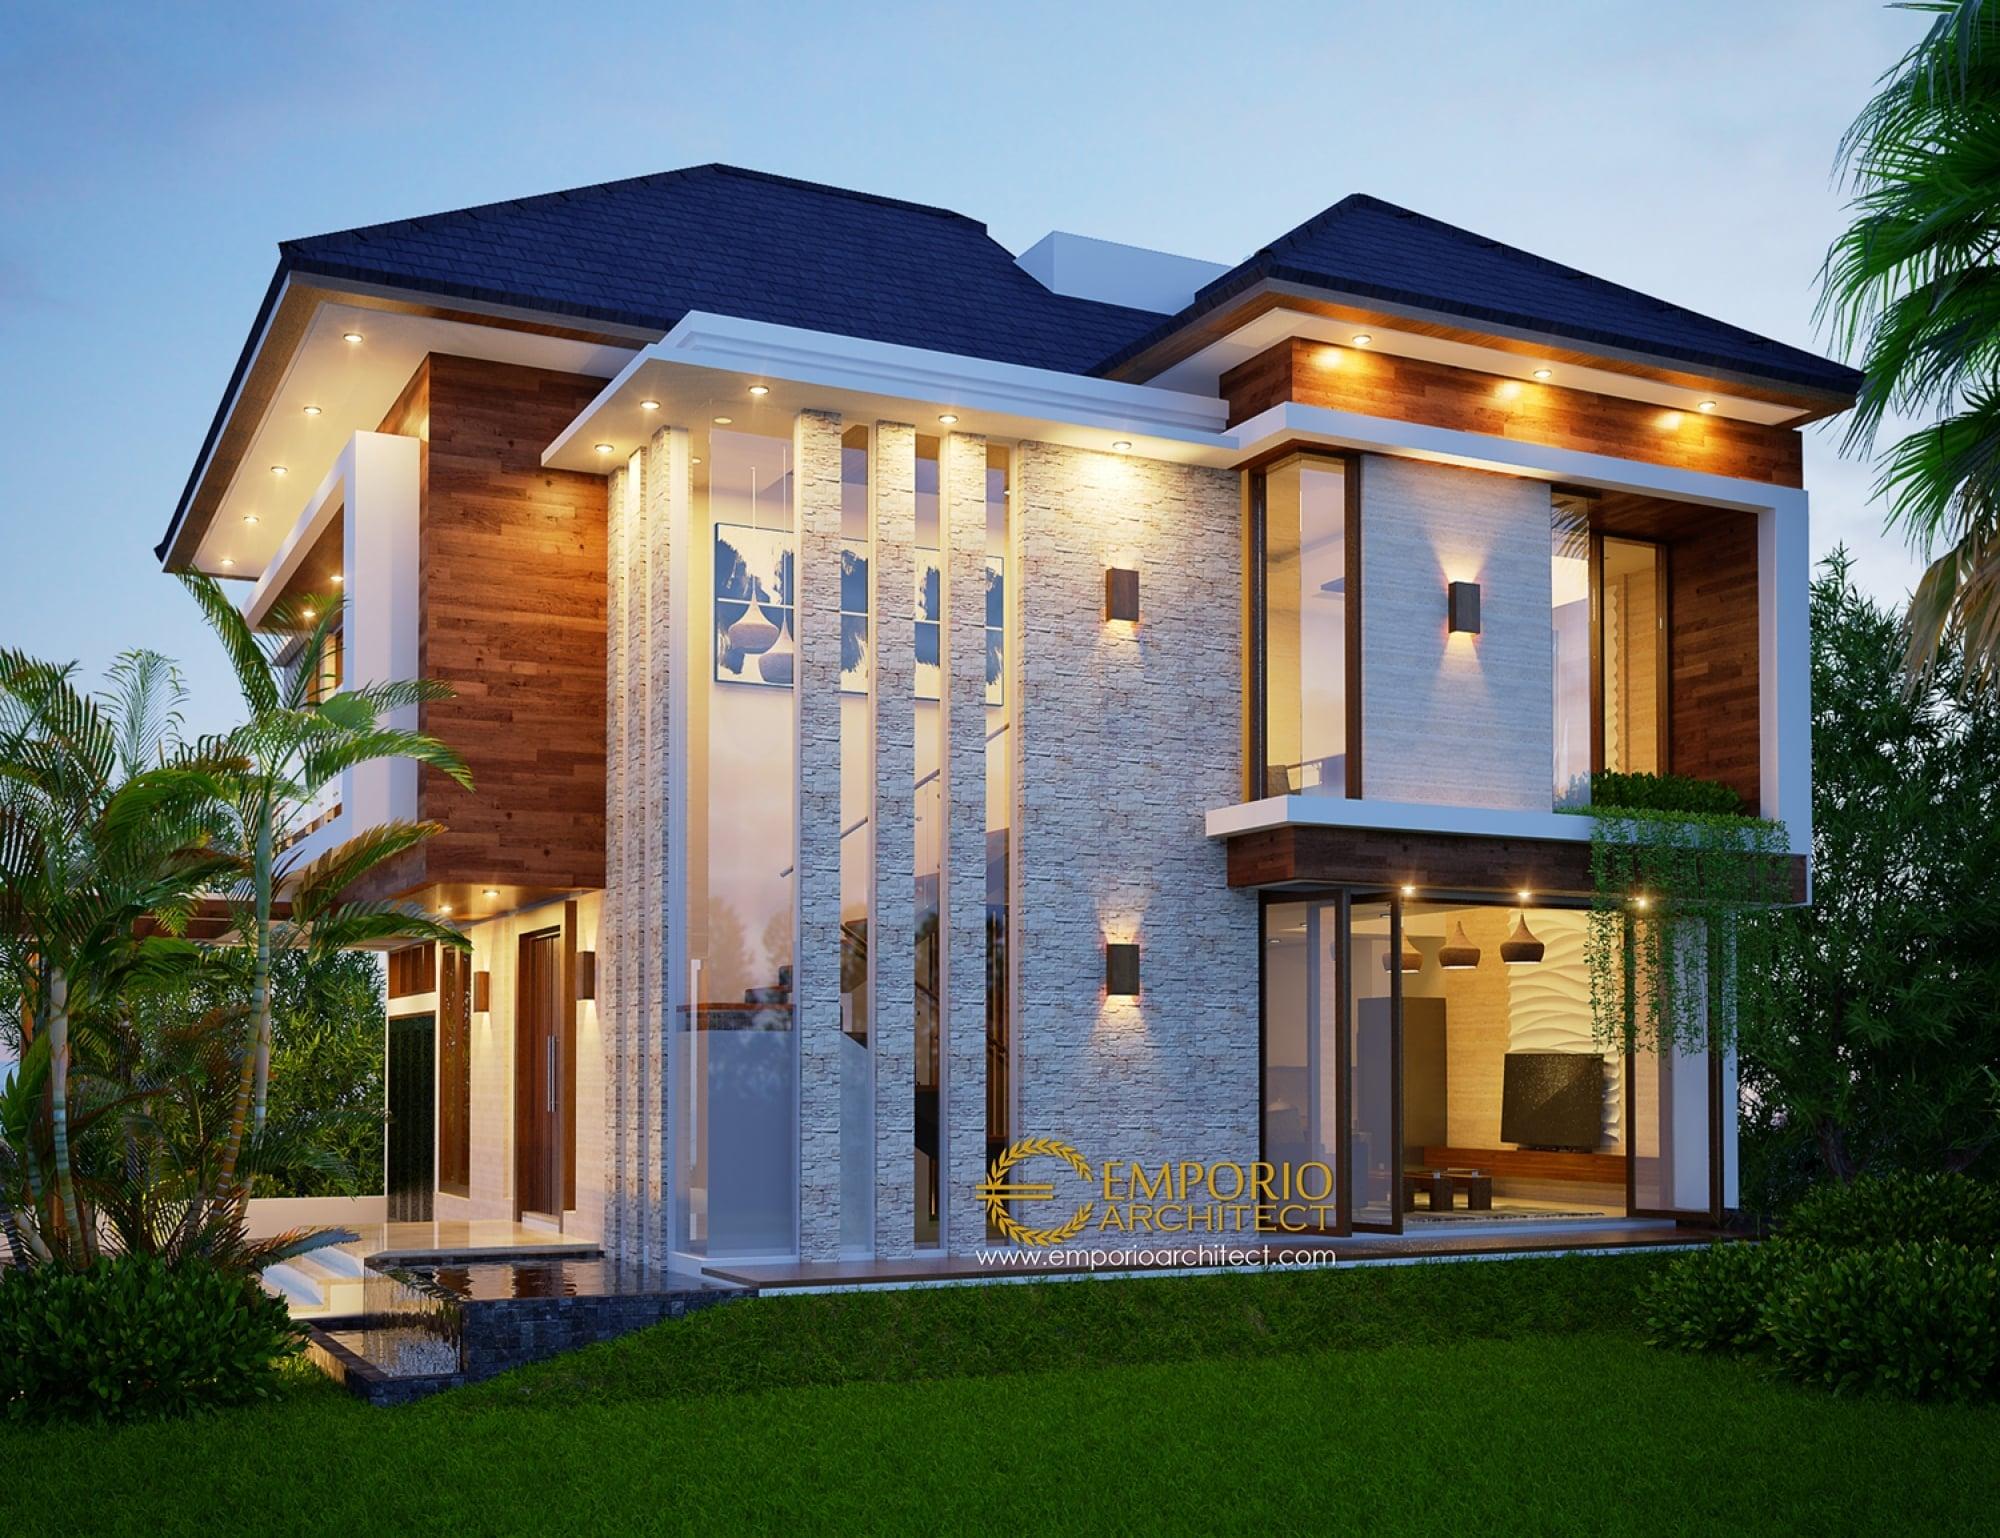 19 Foto Desain Rumah Untuk Pengantin Baru Terbaru dan ...